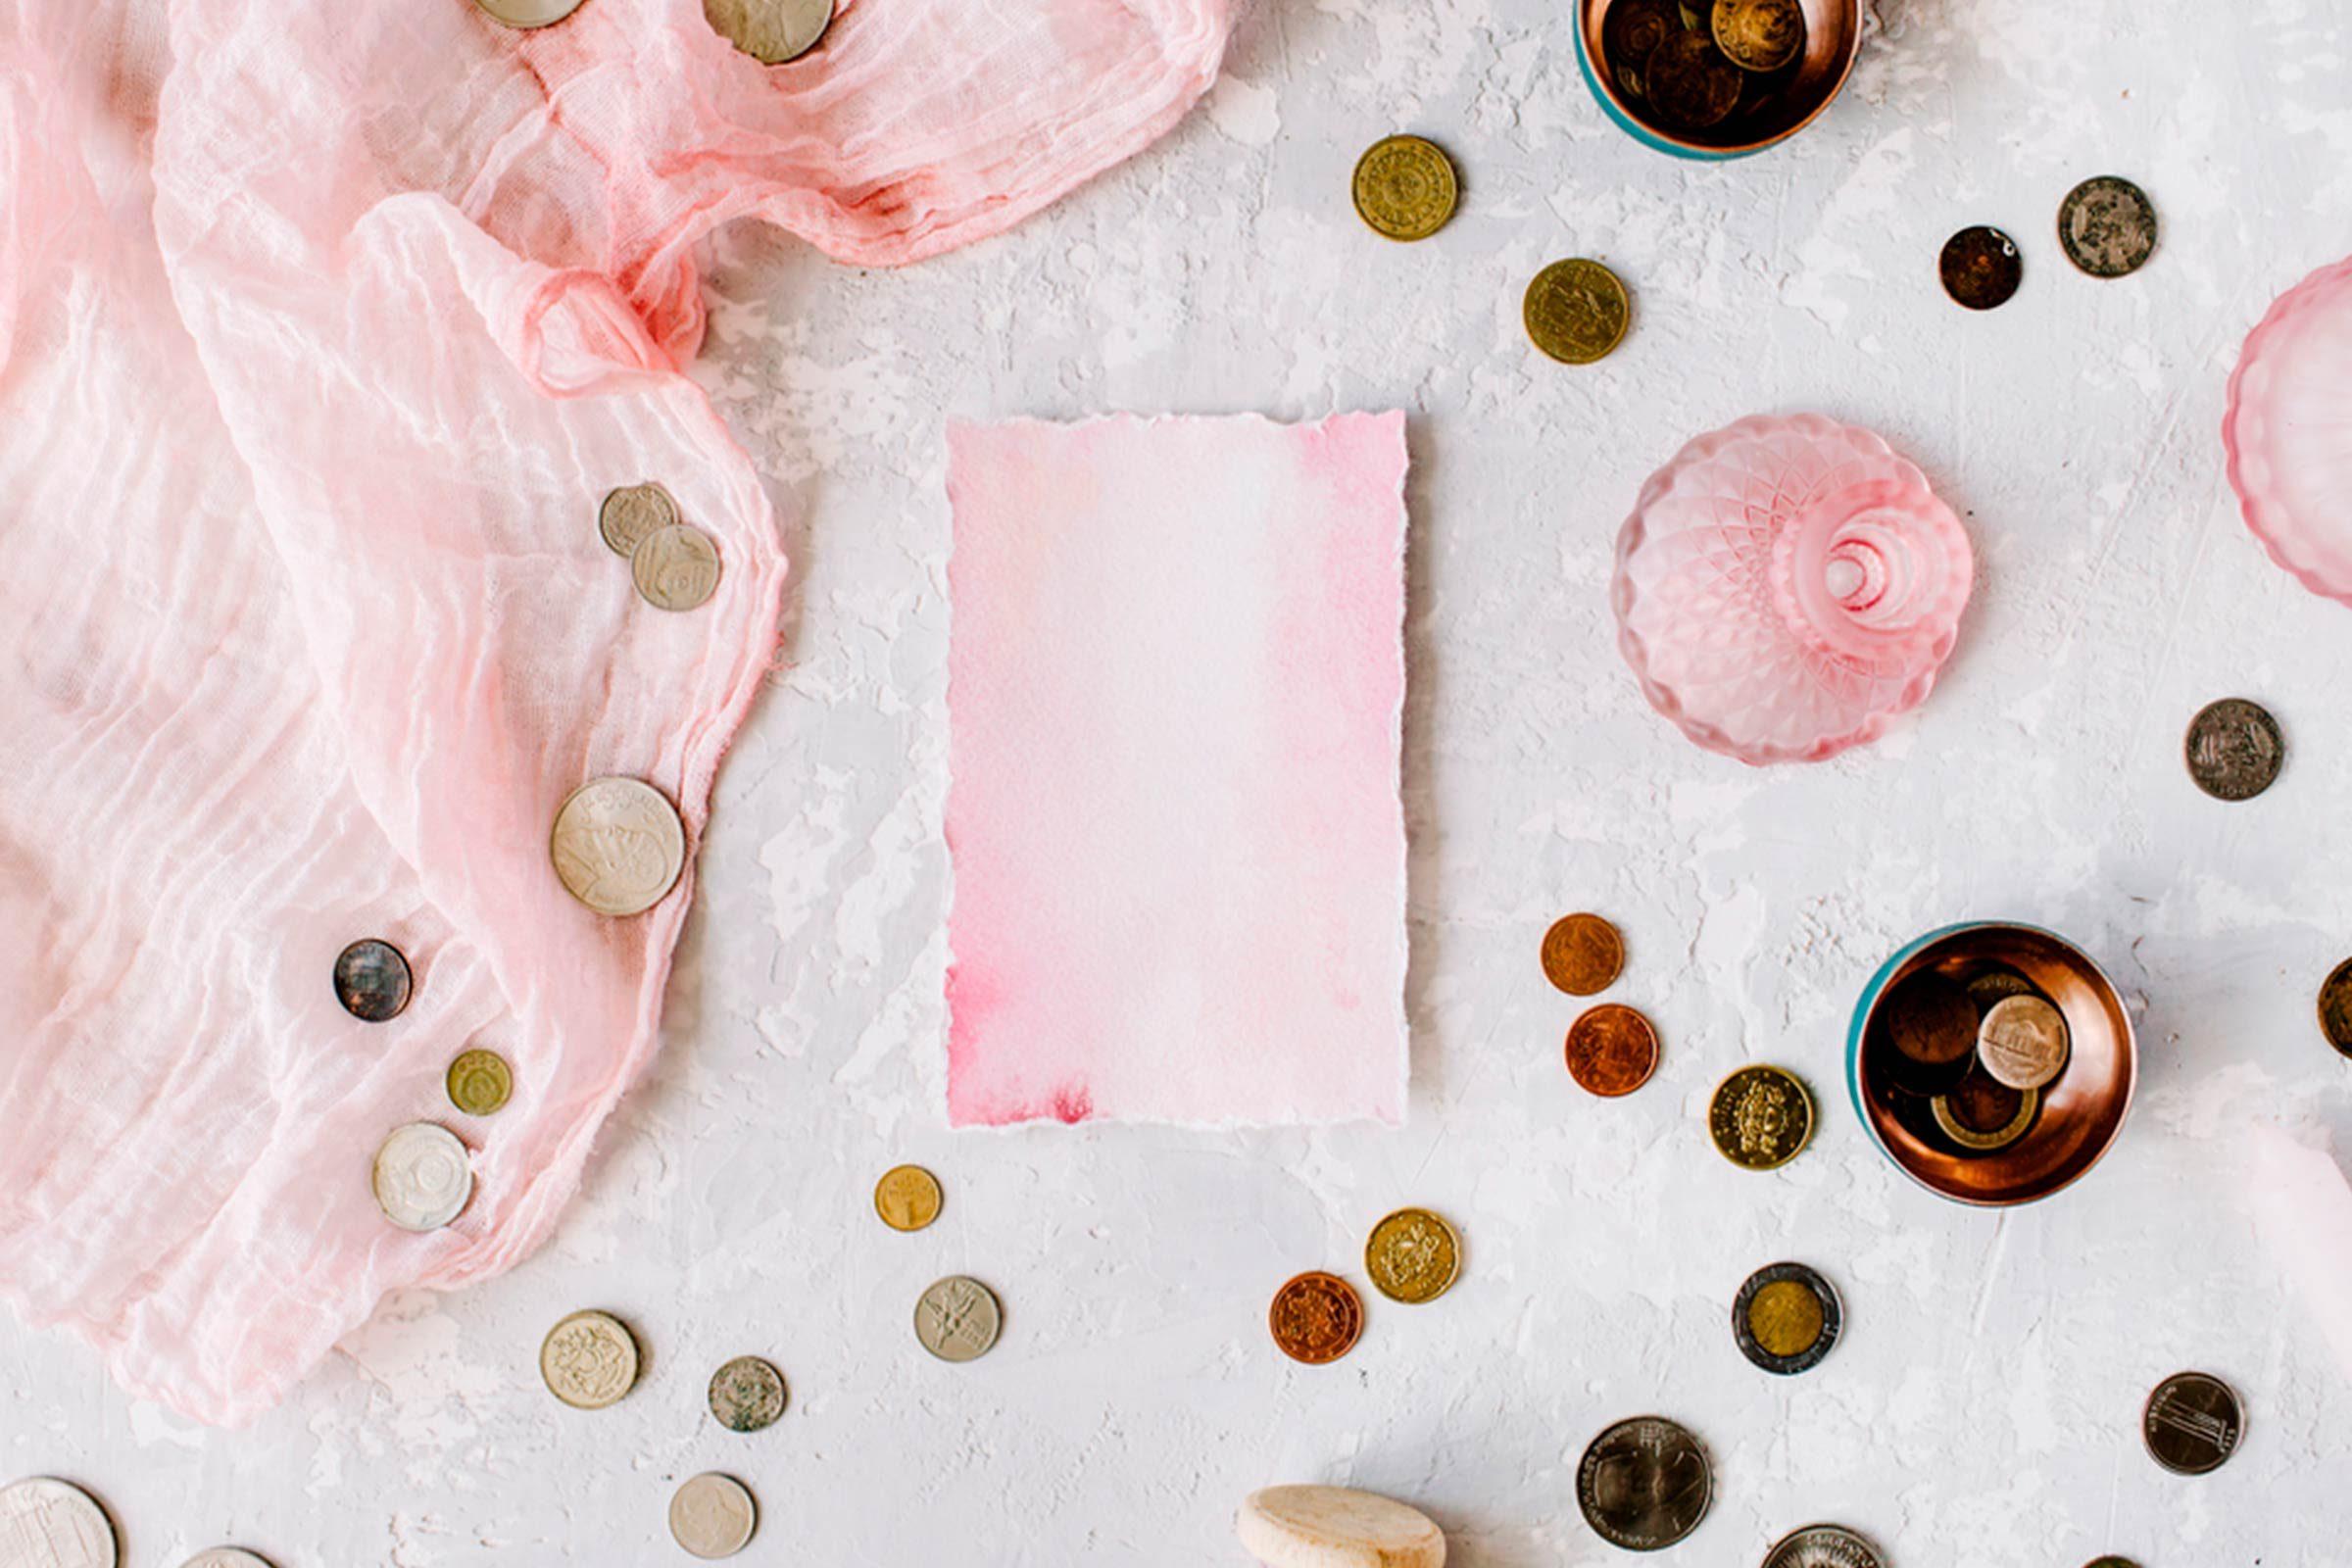 Moins de monnaie dans votre sac et moins de problèmes de dos